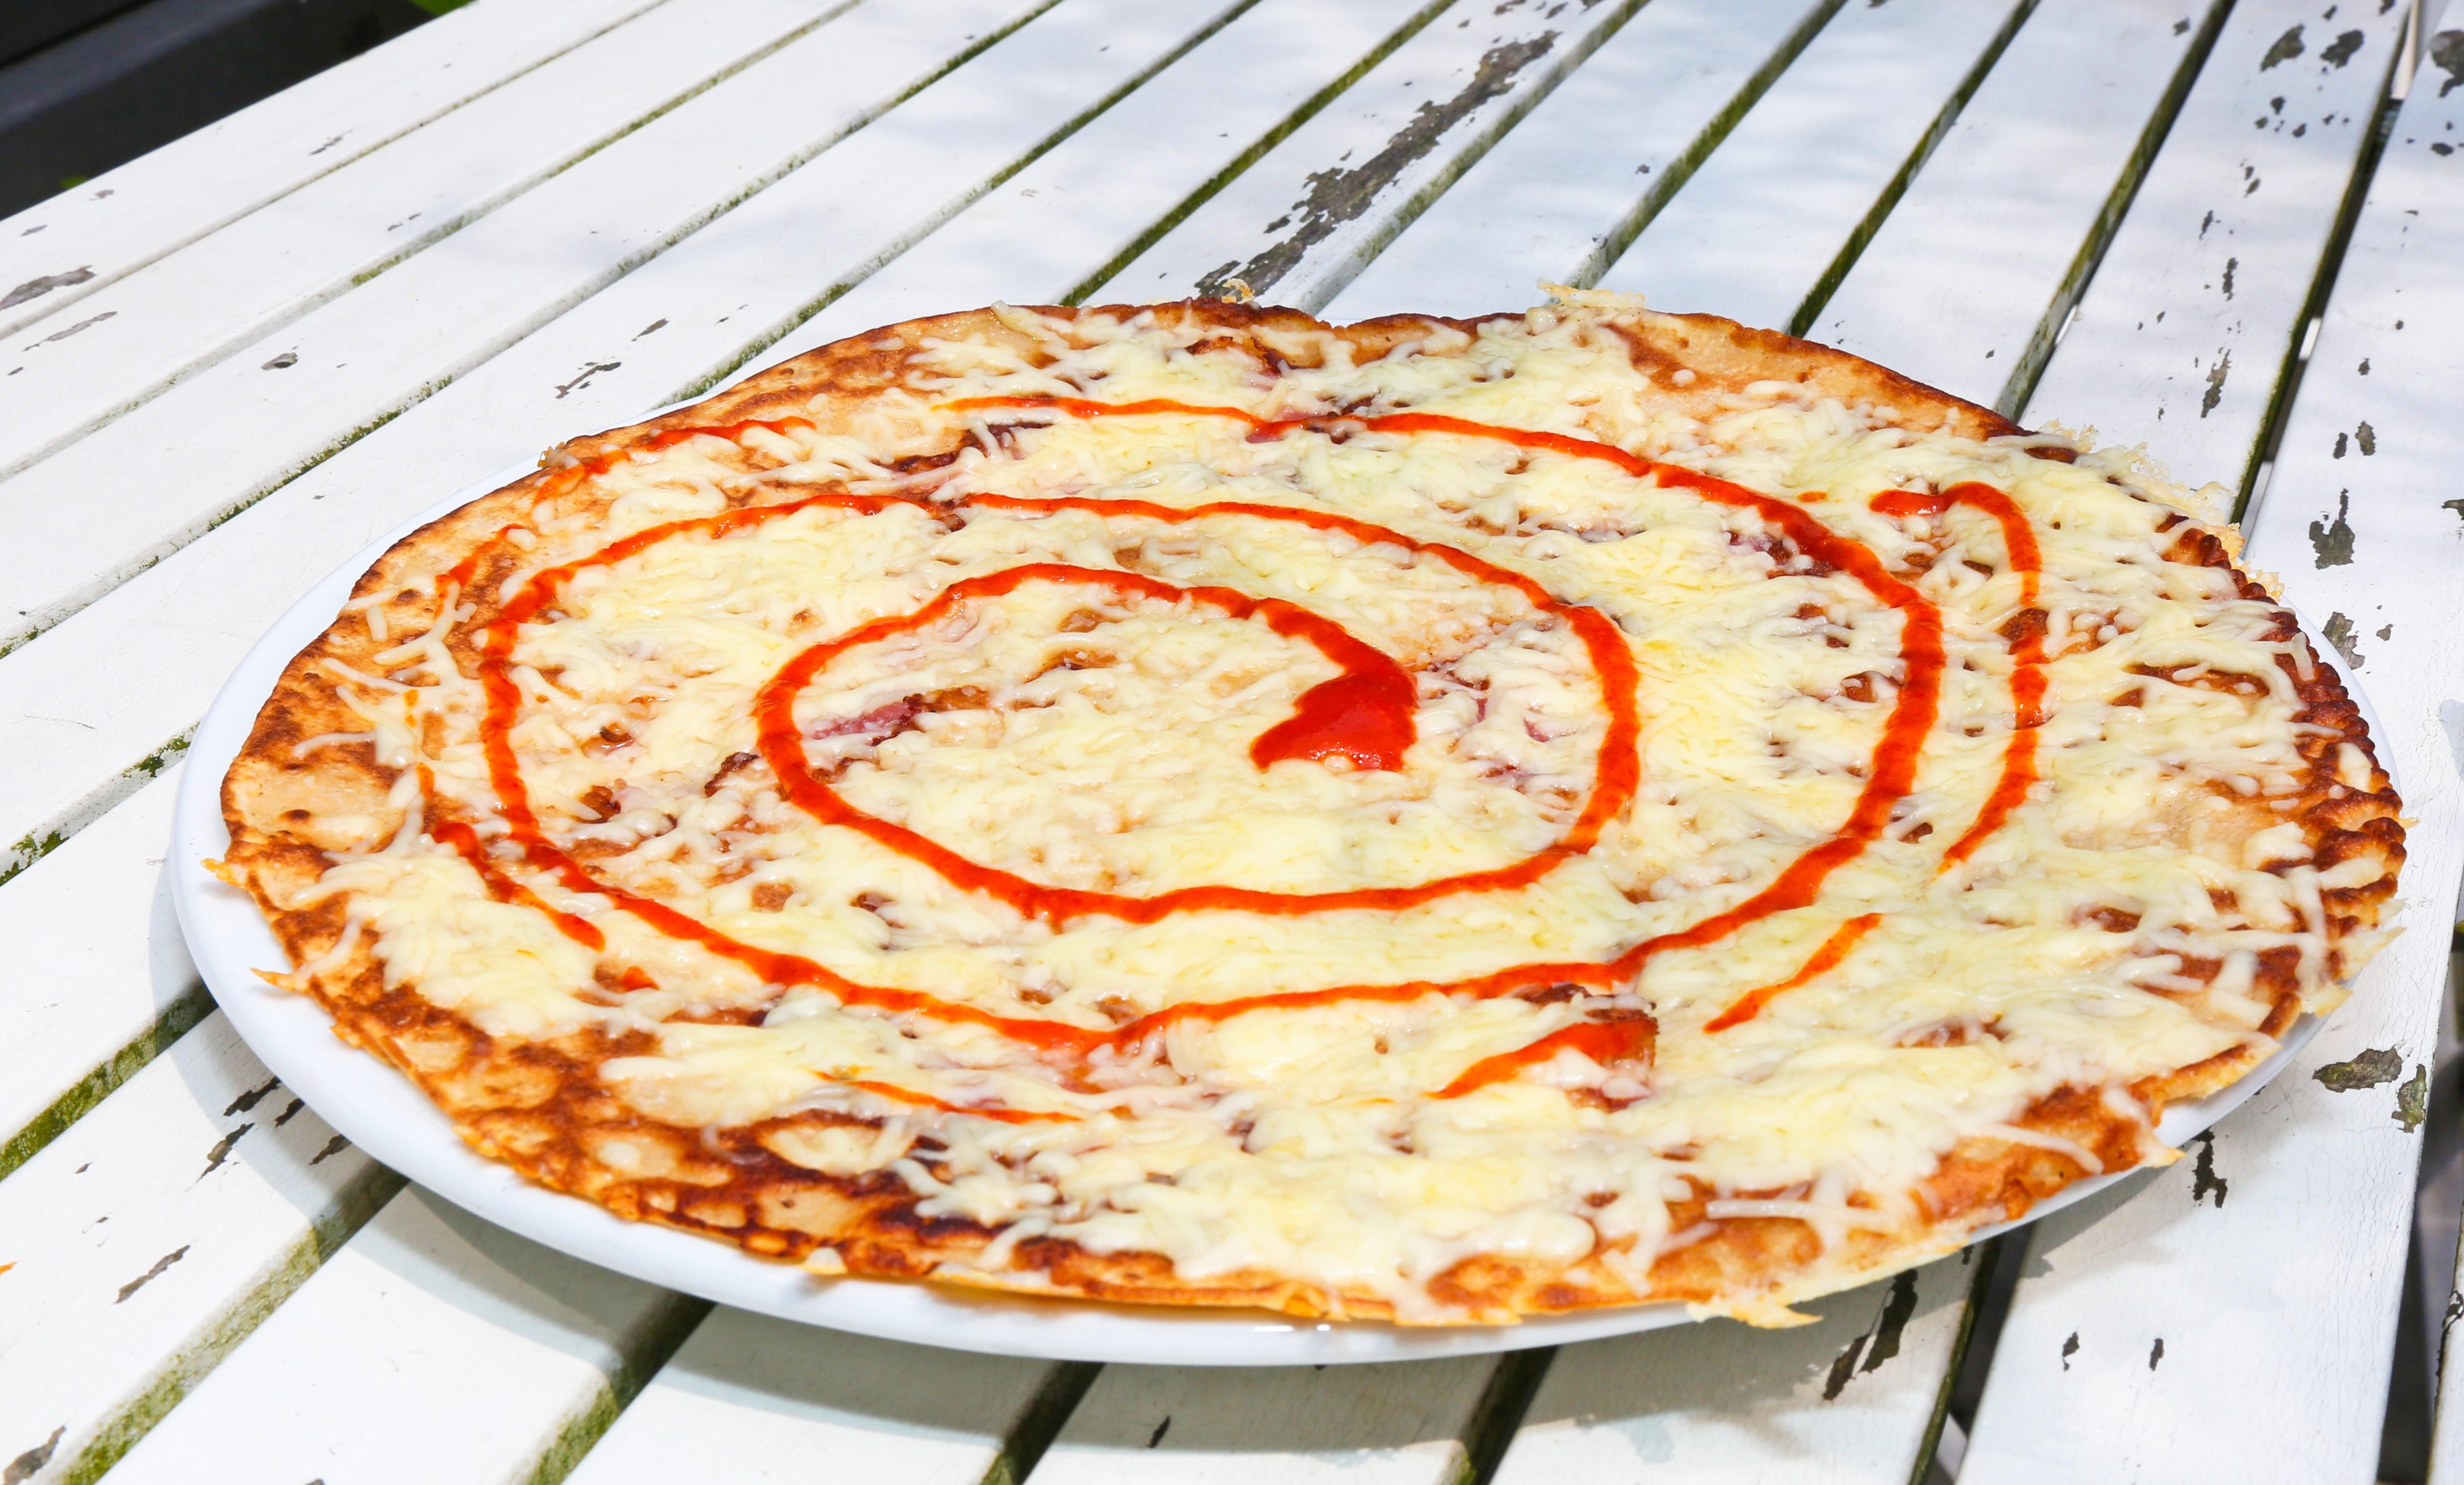 De Crazy Spicy Pancake: Hartige pannenkoek: spek /kip /ham, kaas, knoflook en sambal